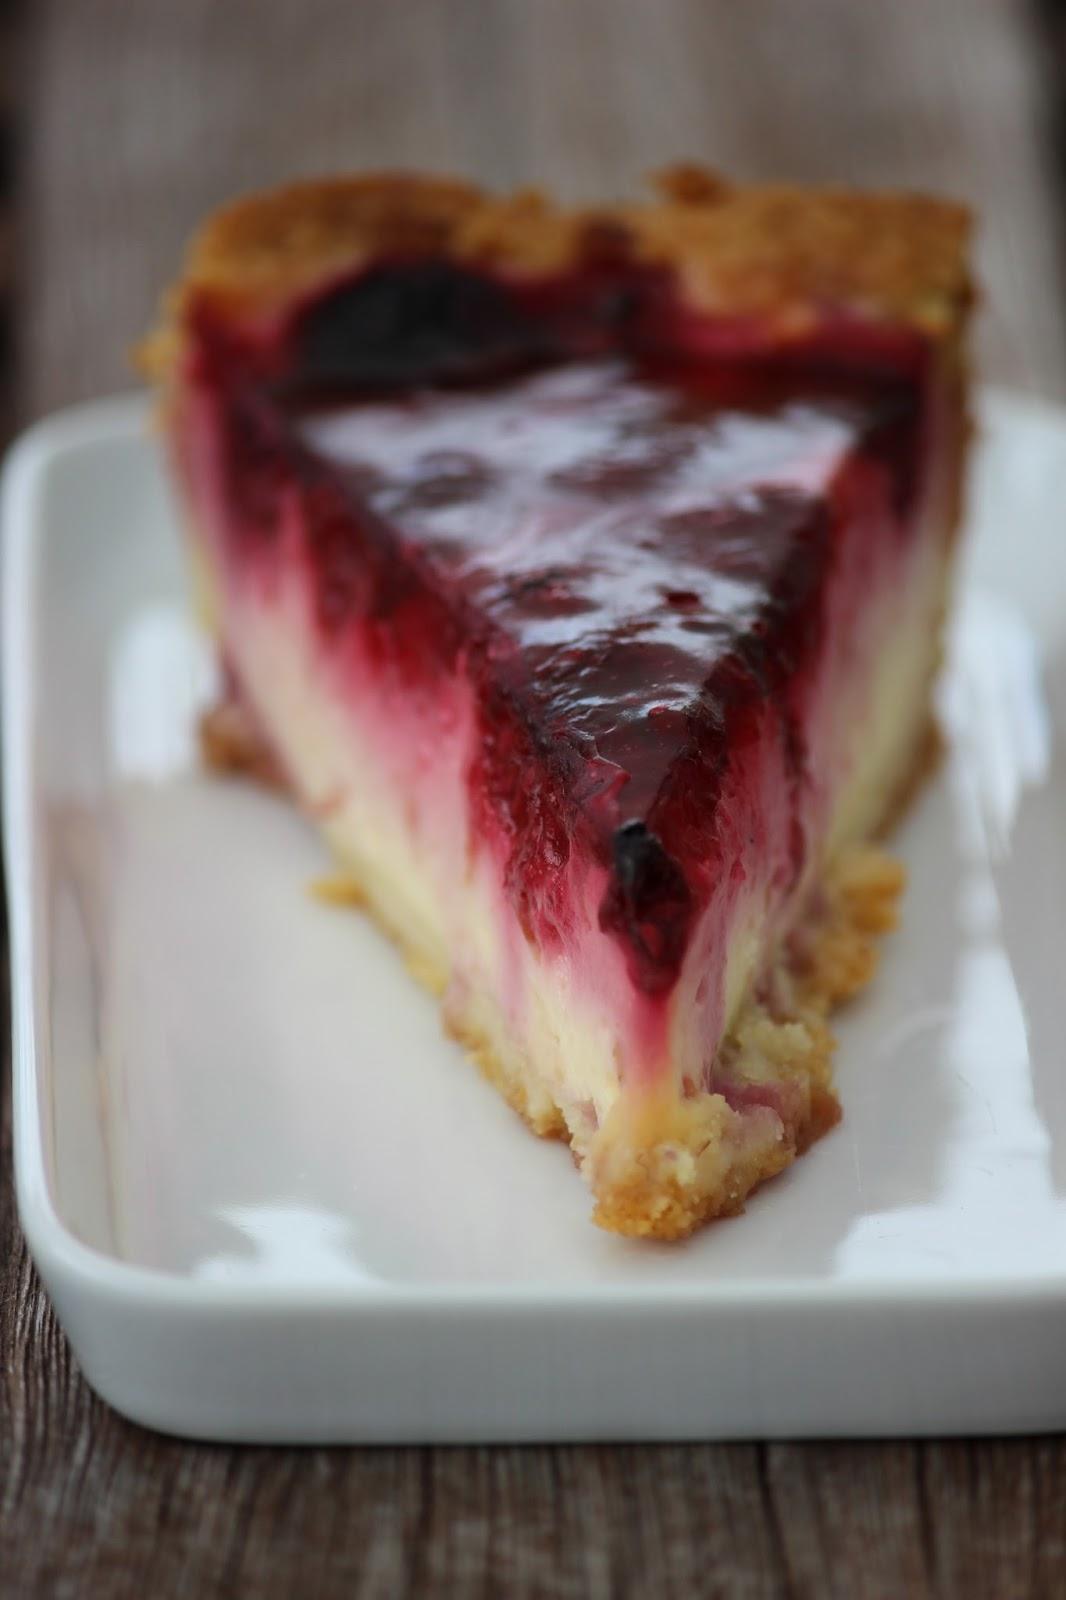 Elkes Klitzekleine Welt Happy Birthday Kuchen Pudding Schmand